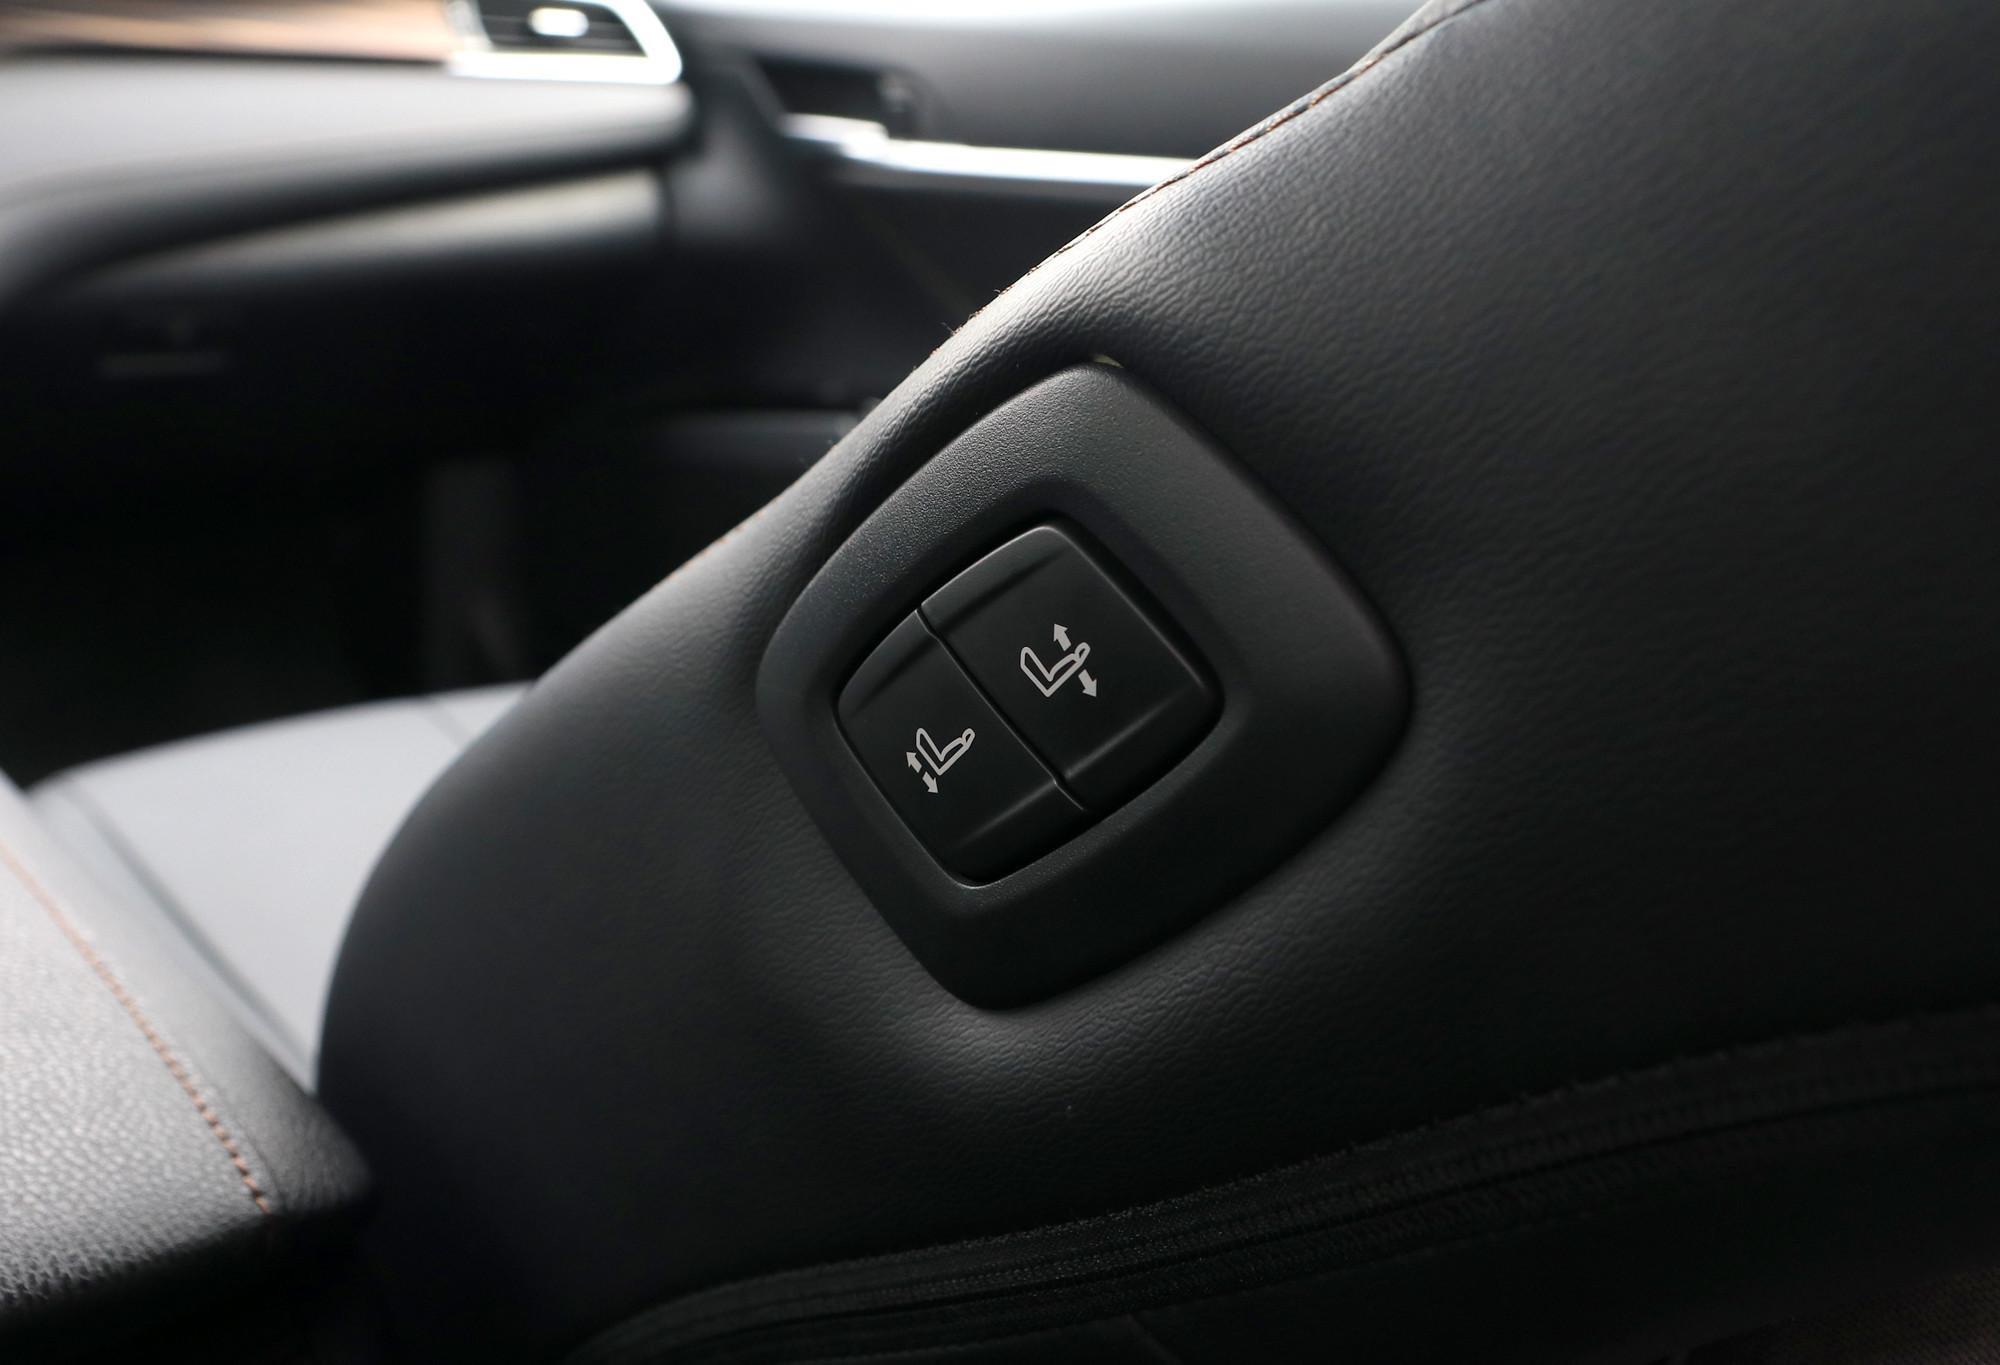 danh gia xe toyota camry 2020 anh 07 - Camry 2020: giá xe và khuyến mãi tháng [hienthithang]